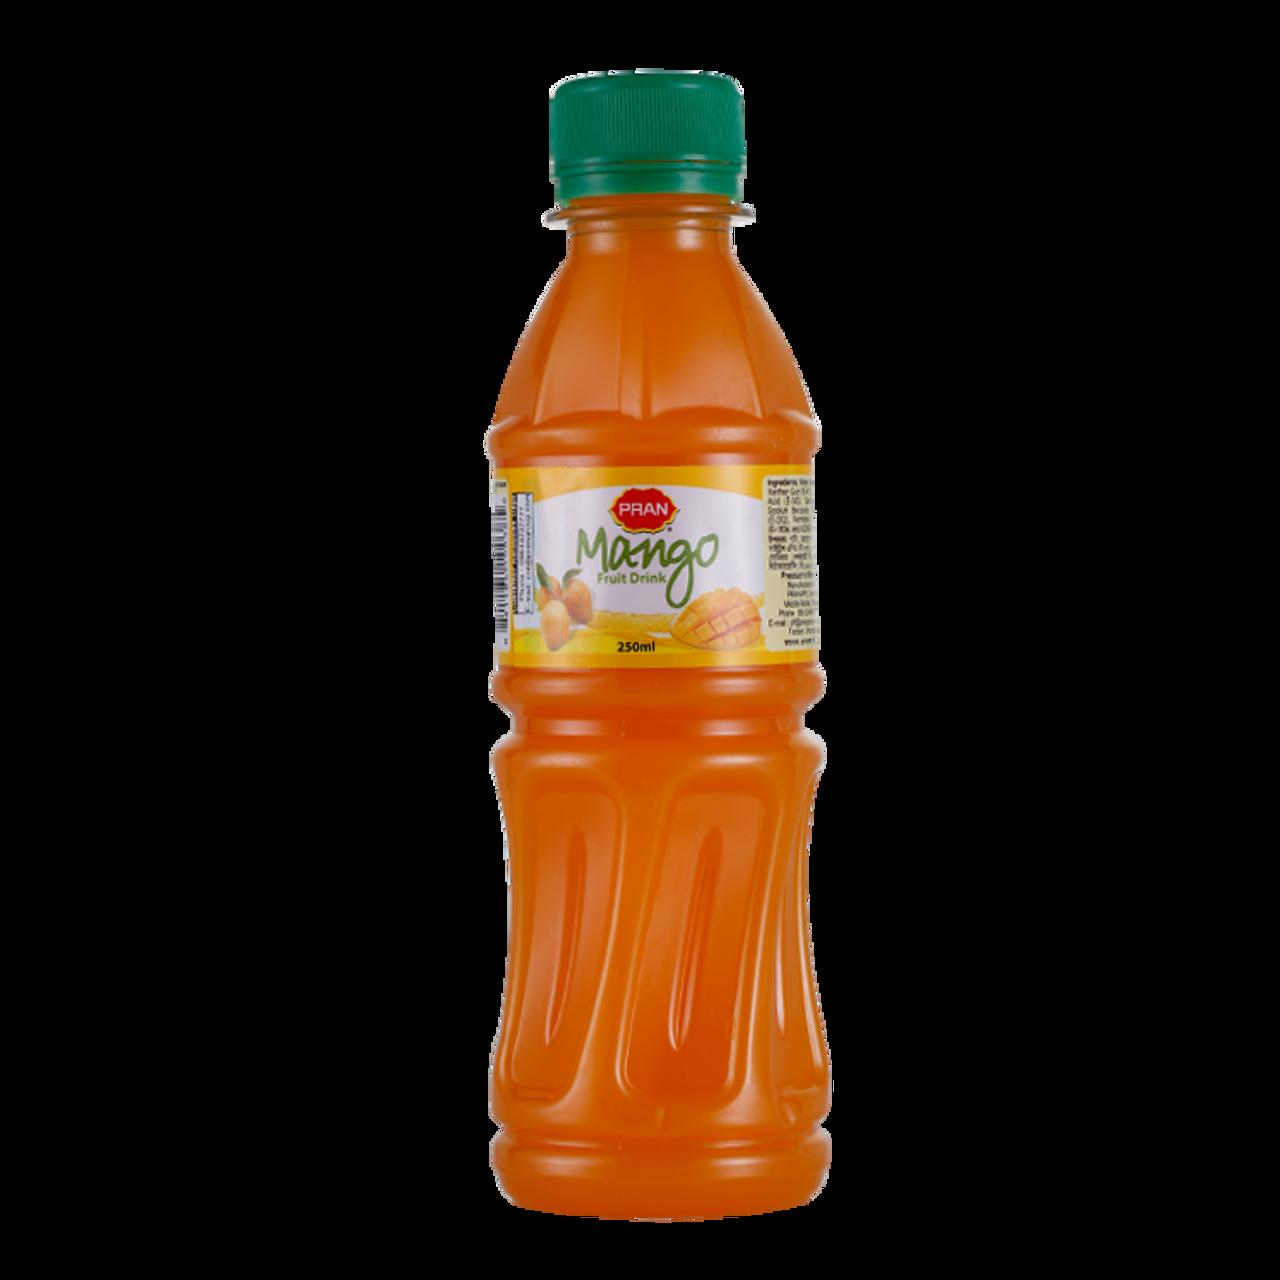 Pran Mango Juice - 260ml